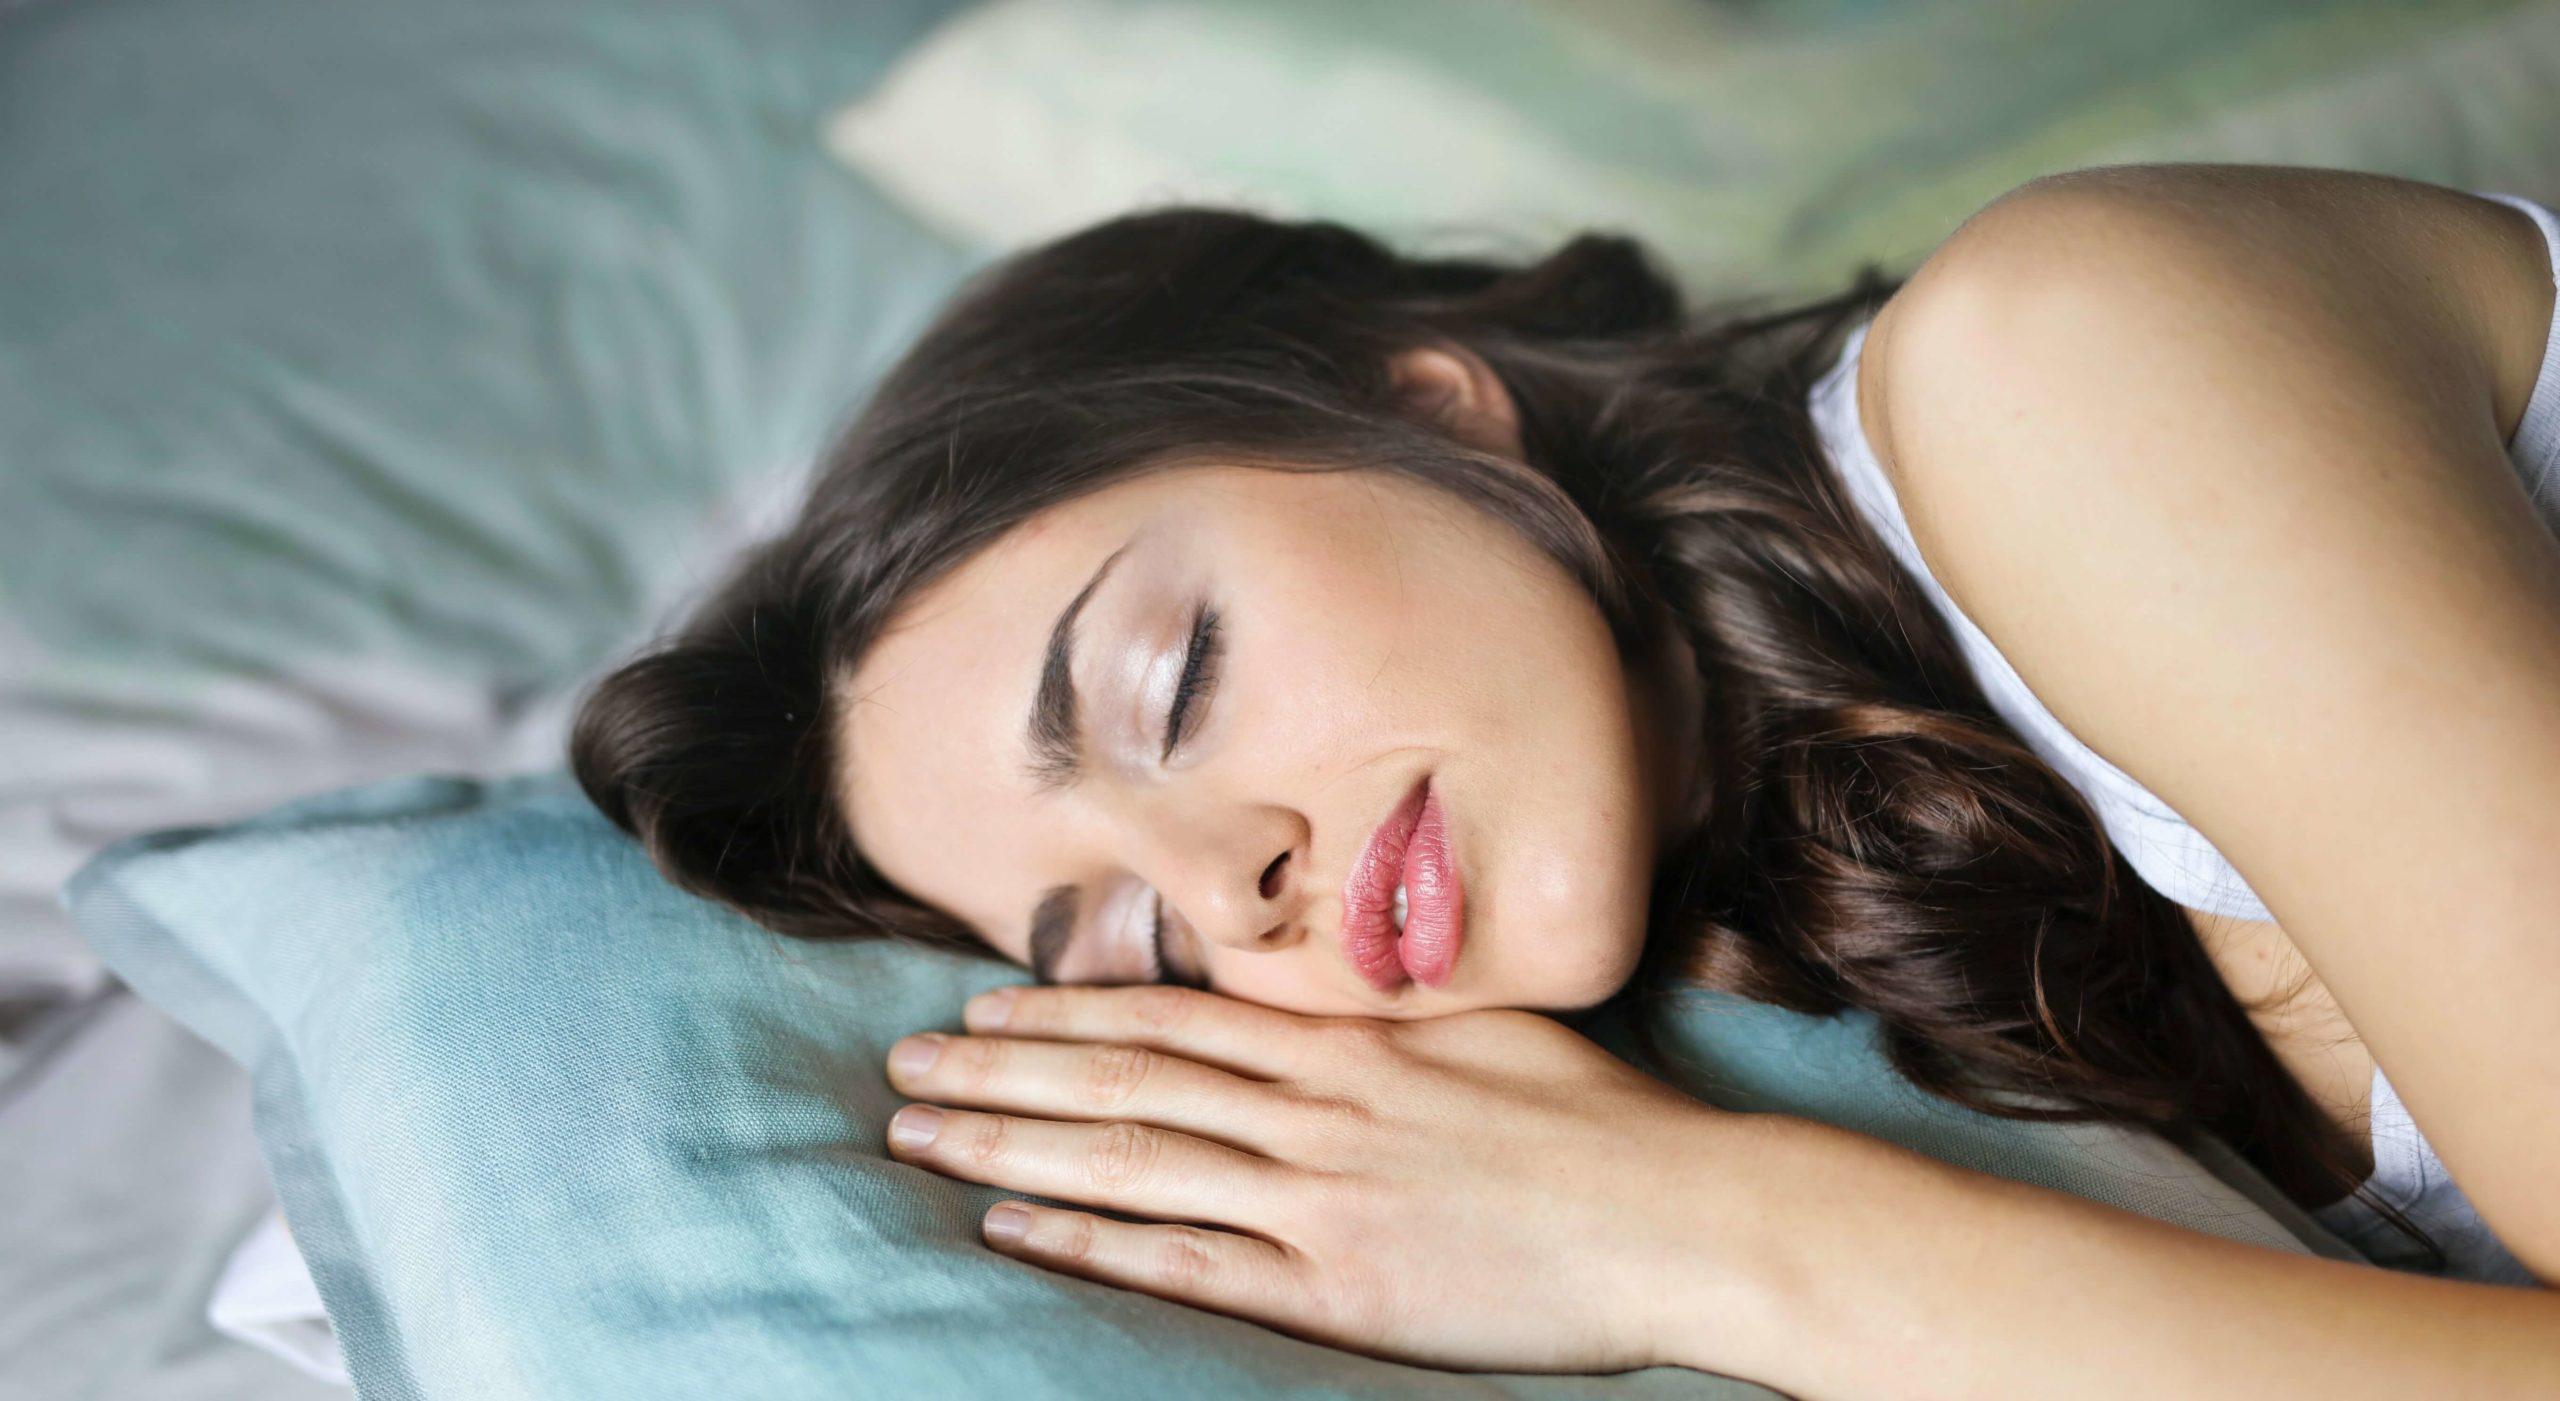 Einschlafhilfe Erwachsene: Die besten erprobten Tipps